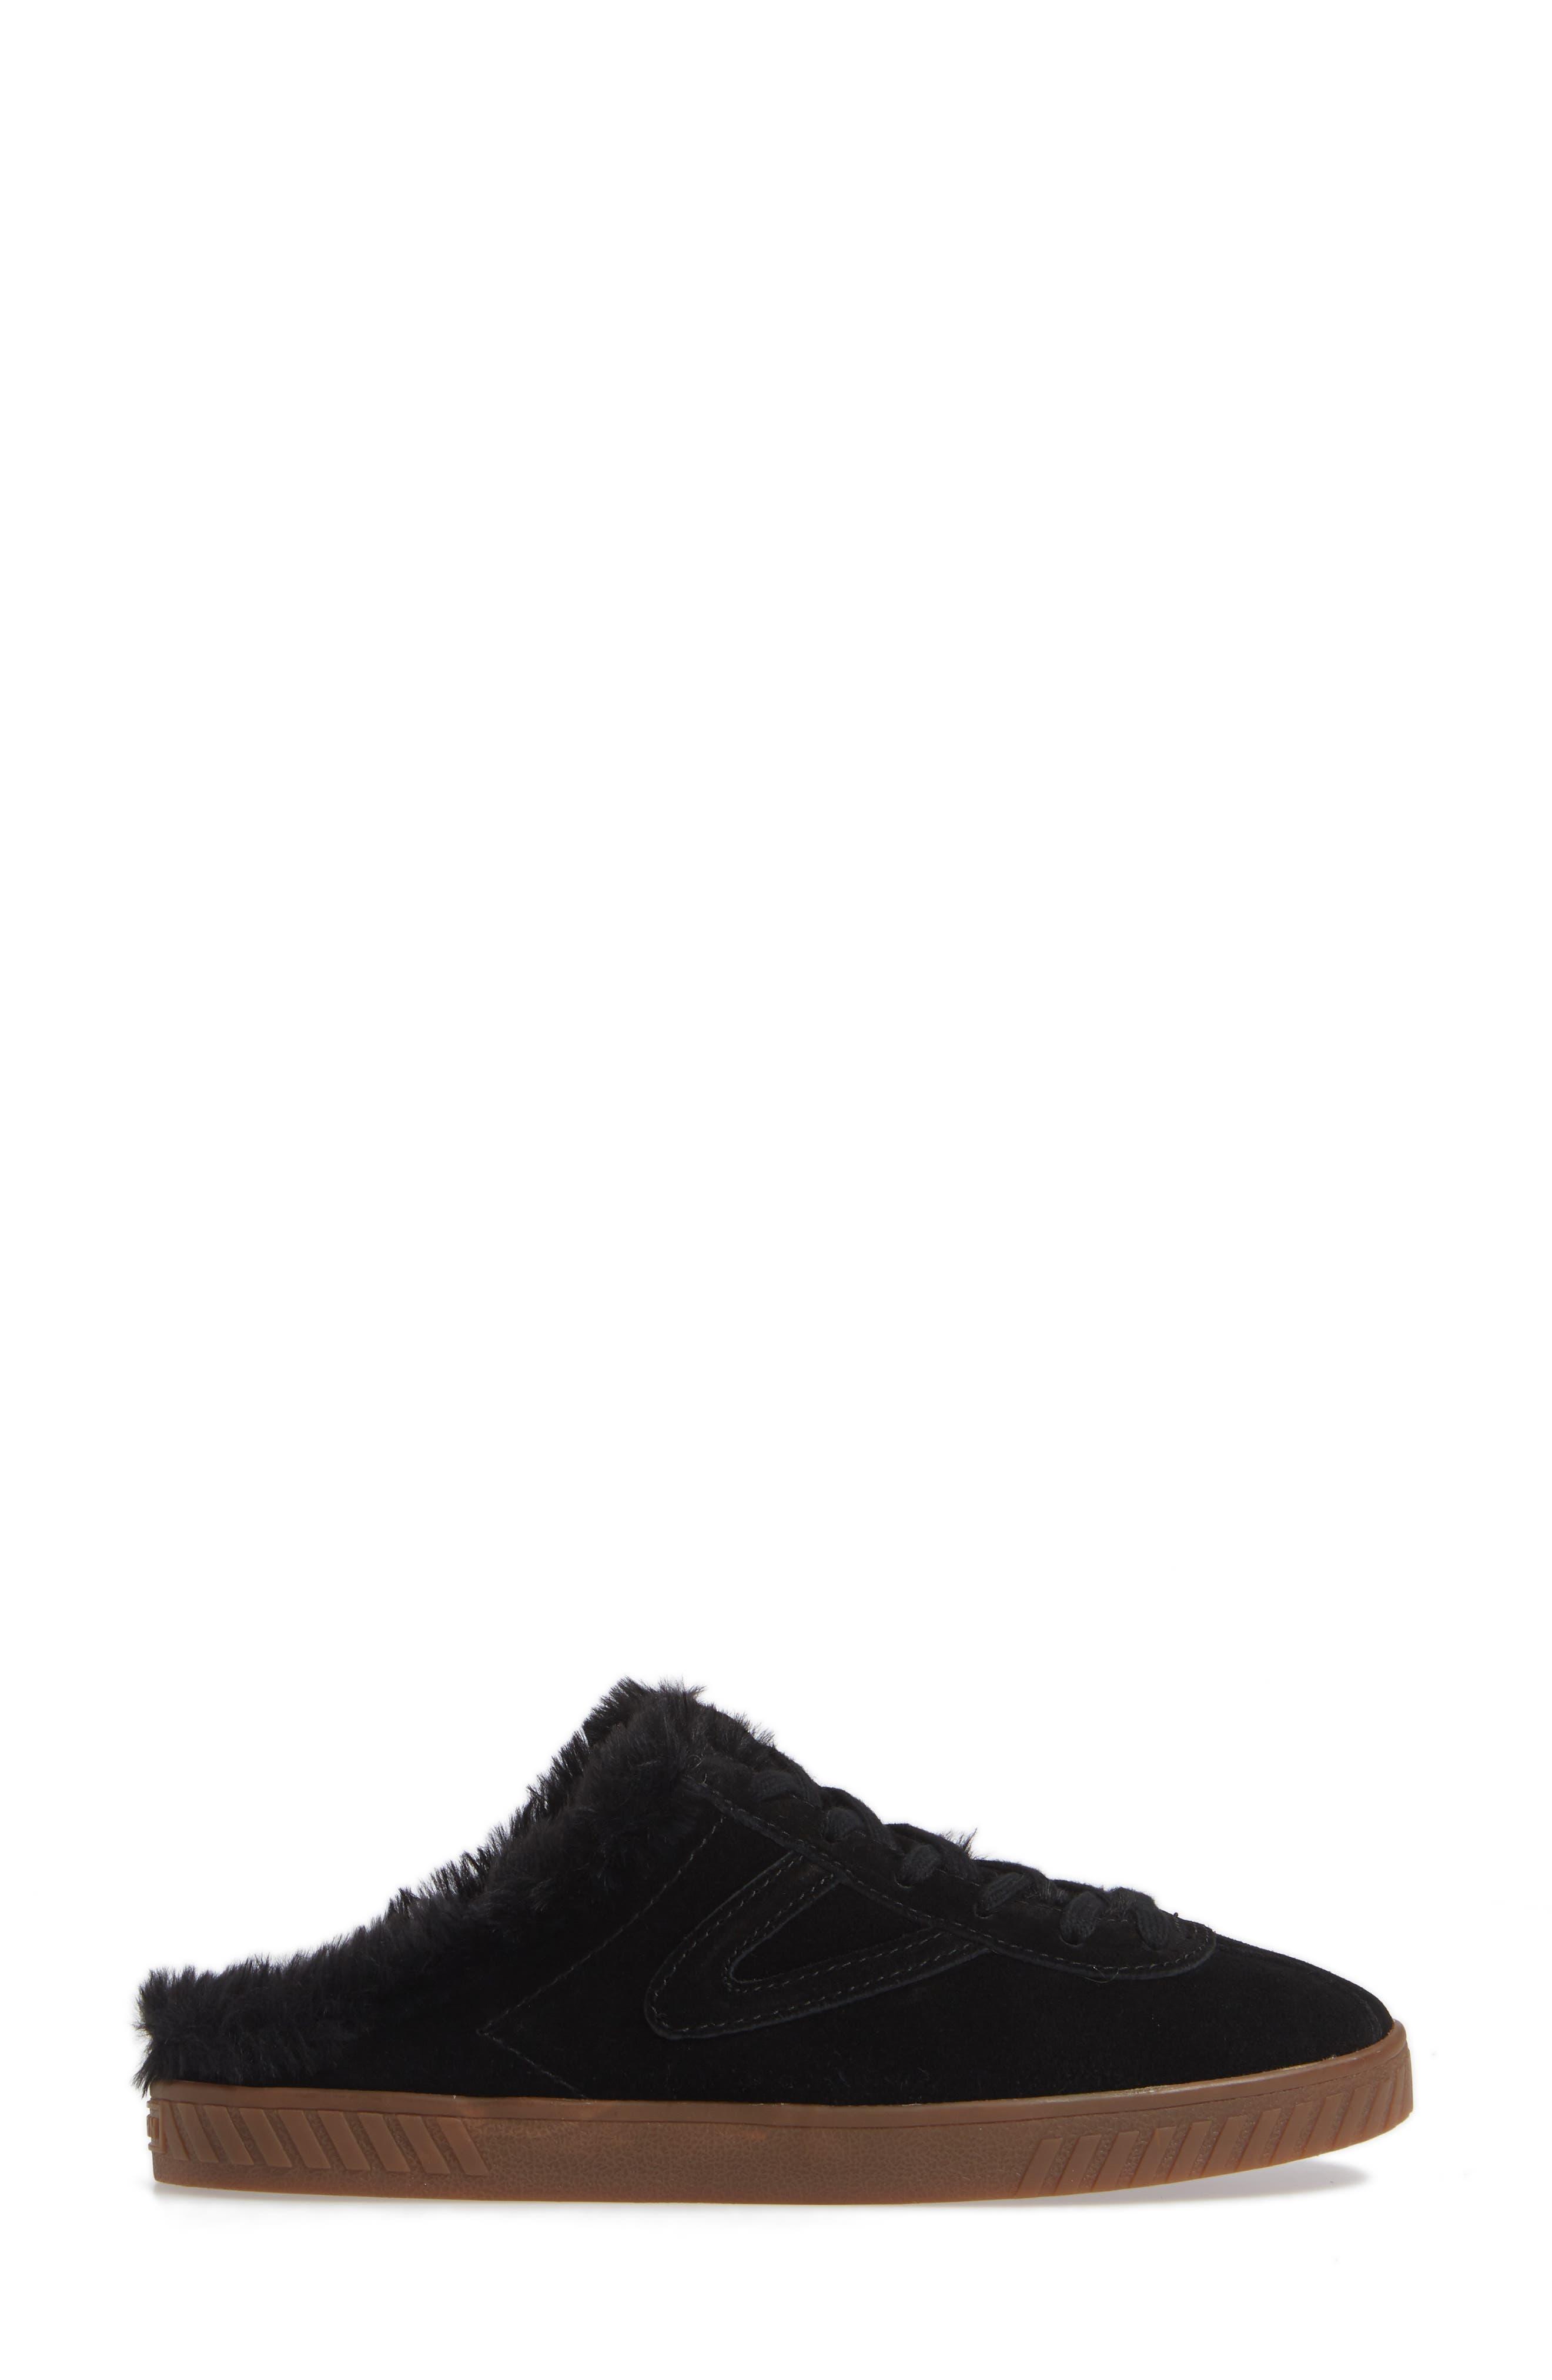 Cam 2 Slip-On Sneaker,                             Alternate thumbnail 3, color,                             BLACK